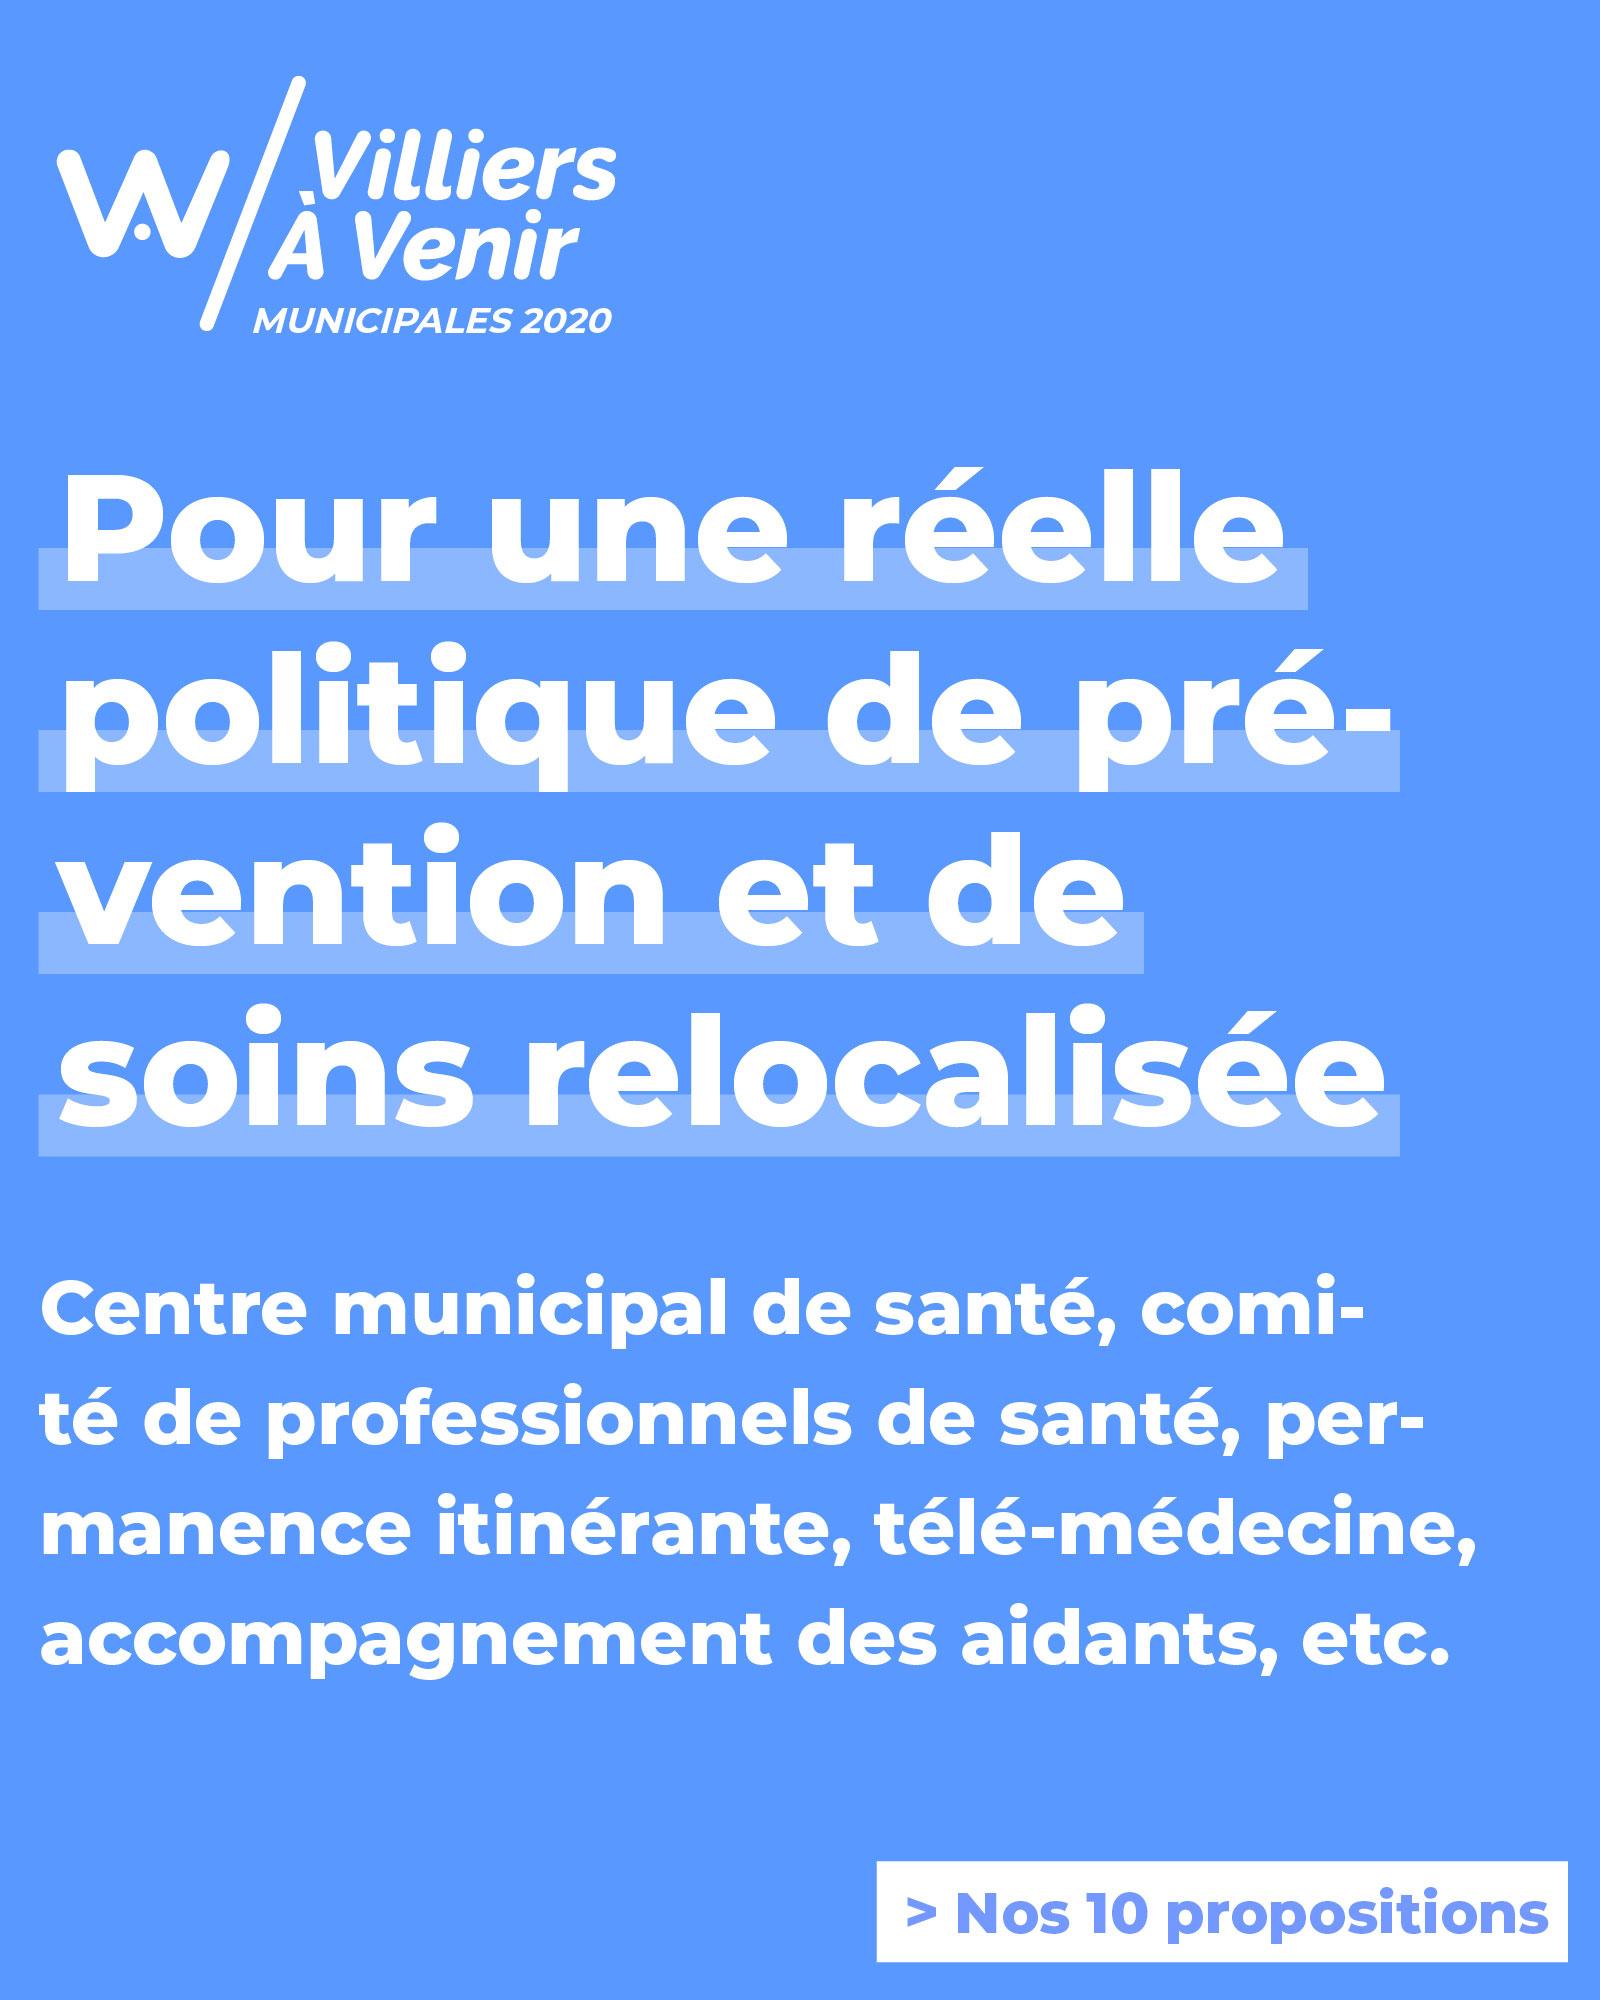 https://vav94.fr/wp-content/uploads/2020/03/SANTE-PUBLIQUE-VILLIERS-A-VENIR-MUNICIPALES-2020-VILLIERS-SUR-MARNE-2.jpg